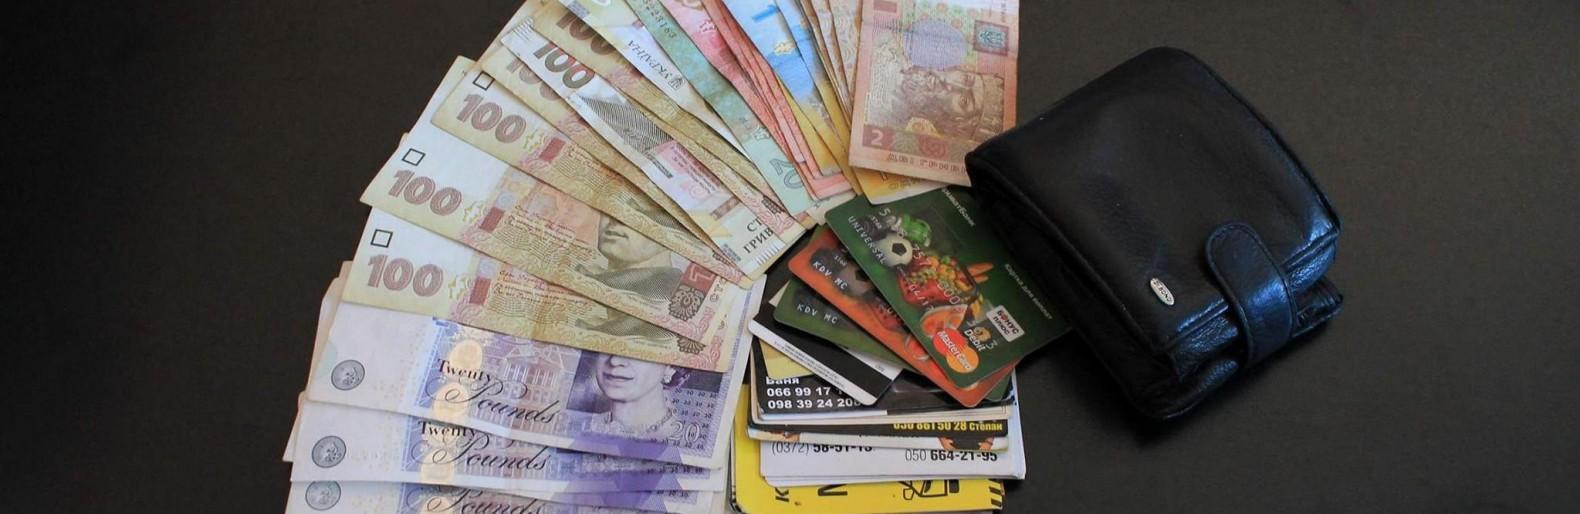 Ужгородська поліція встановила особу викрадачки гаманця з сумки клієнтки взуттєвого магазину